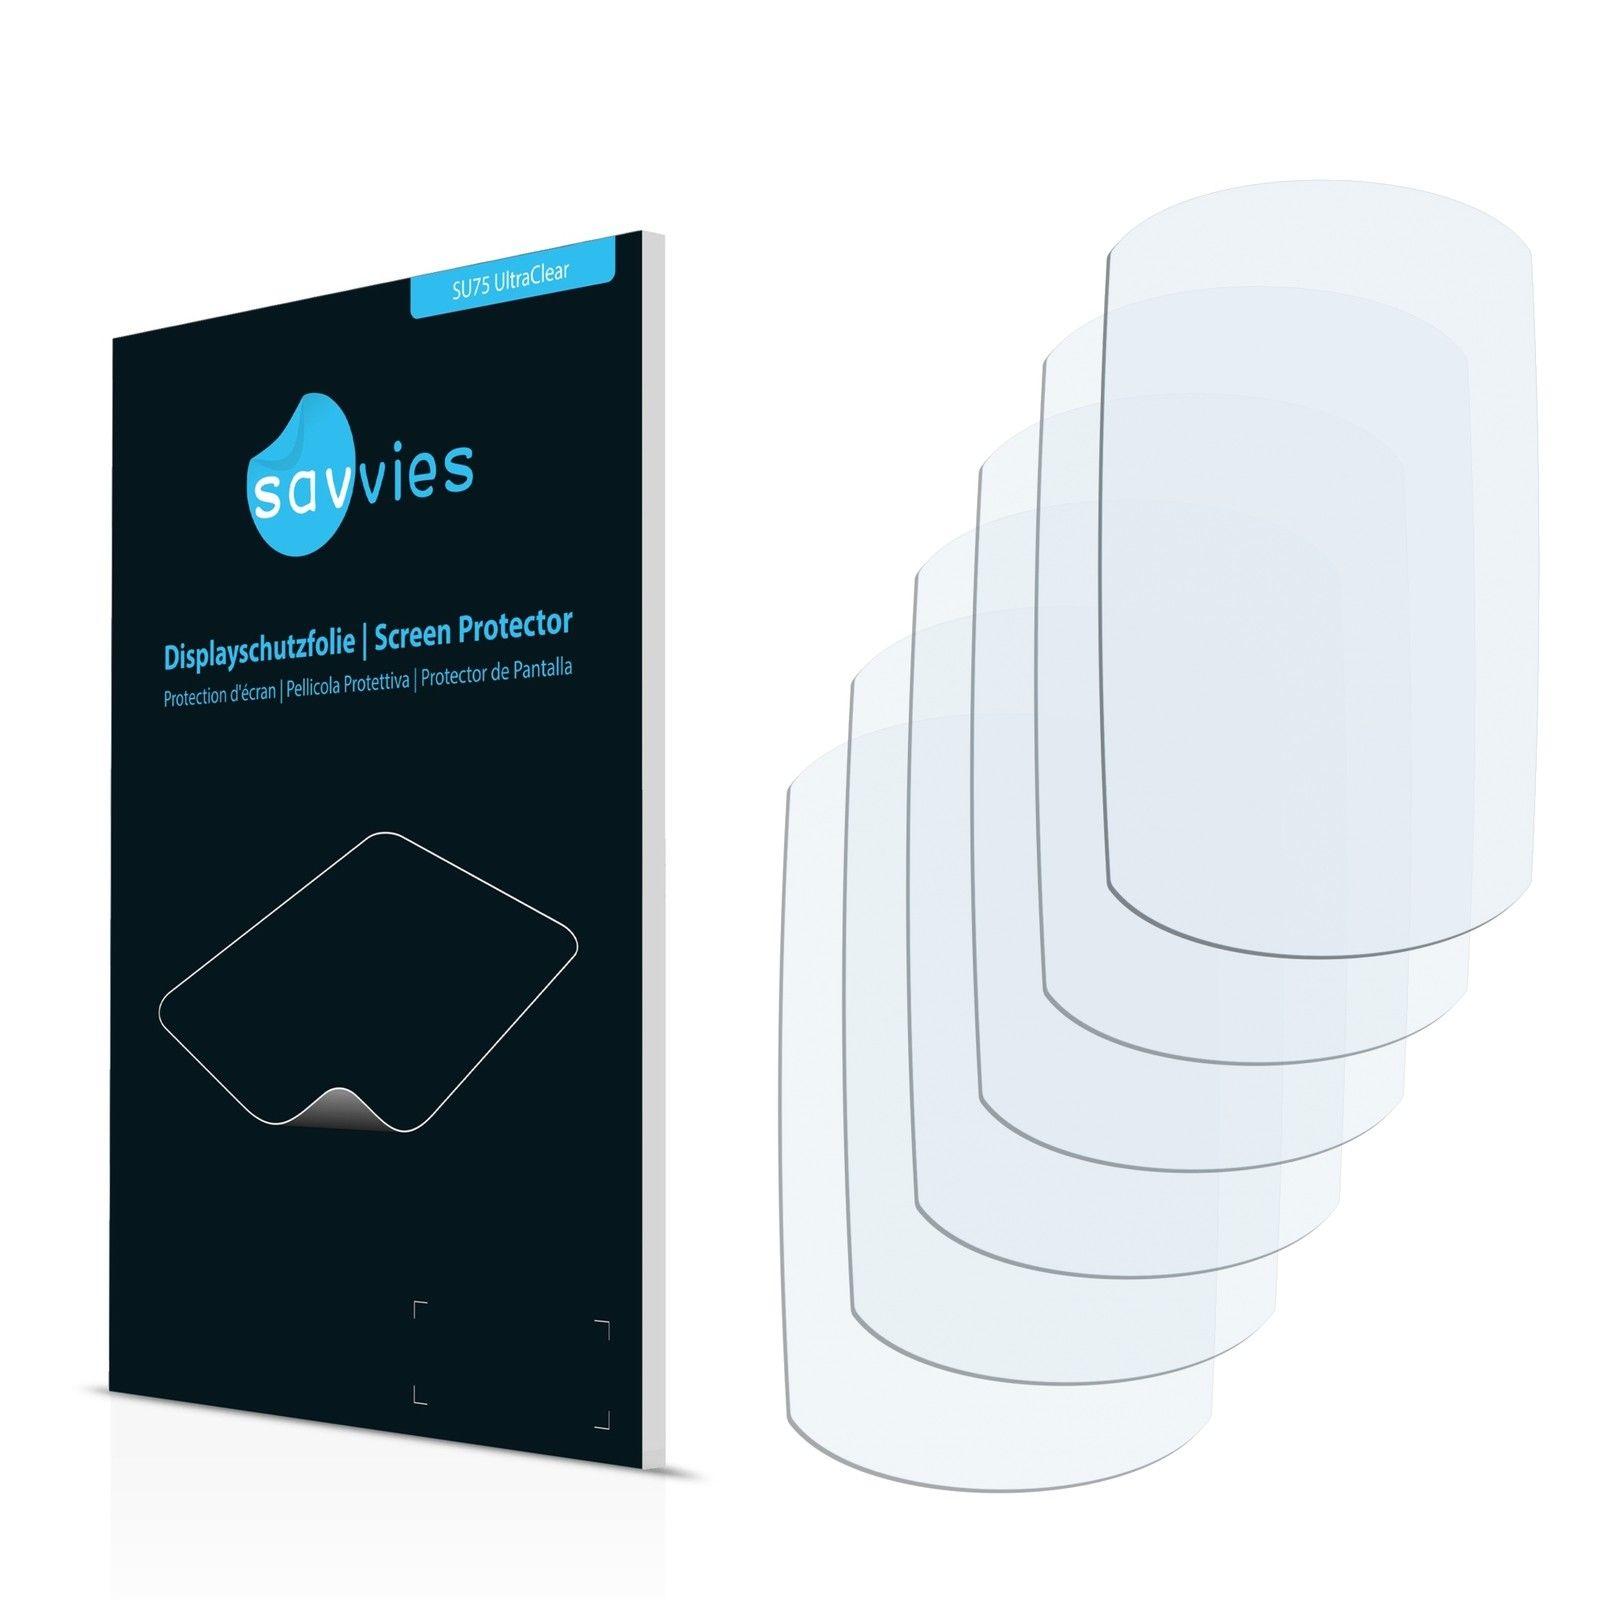 6 ks Ochranná fólie na LCD displej pro Garmin Edge 205